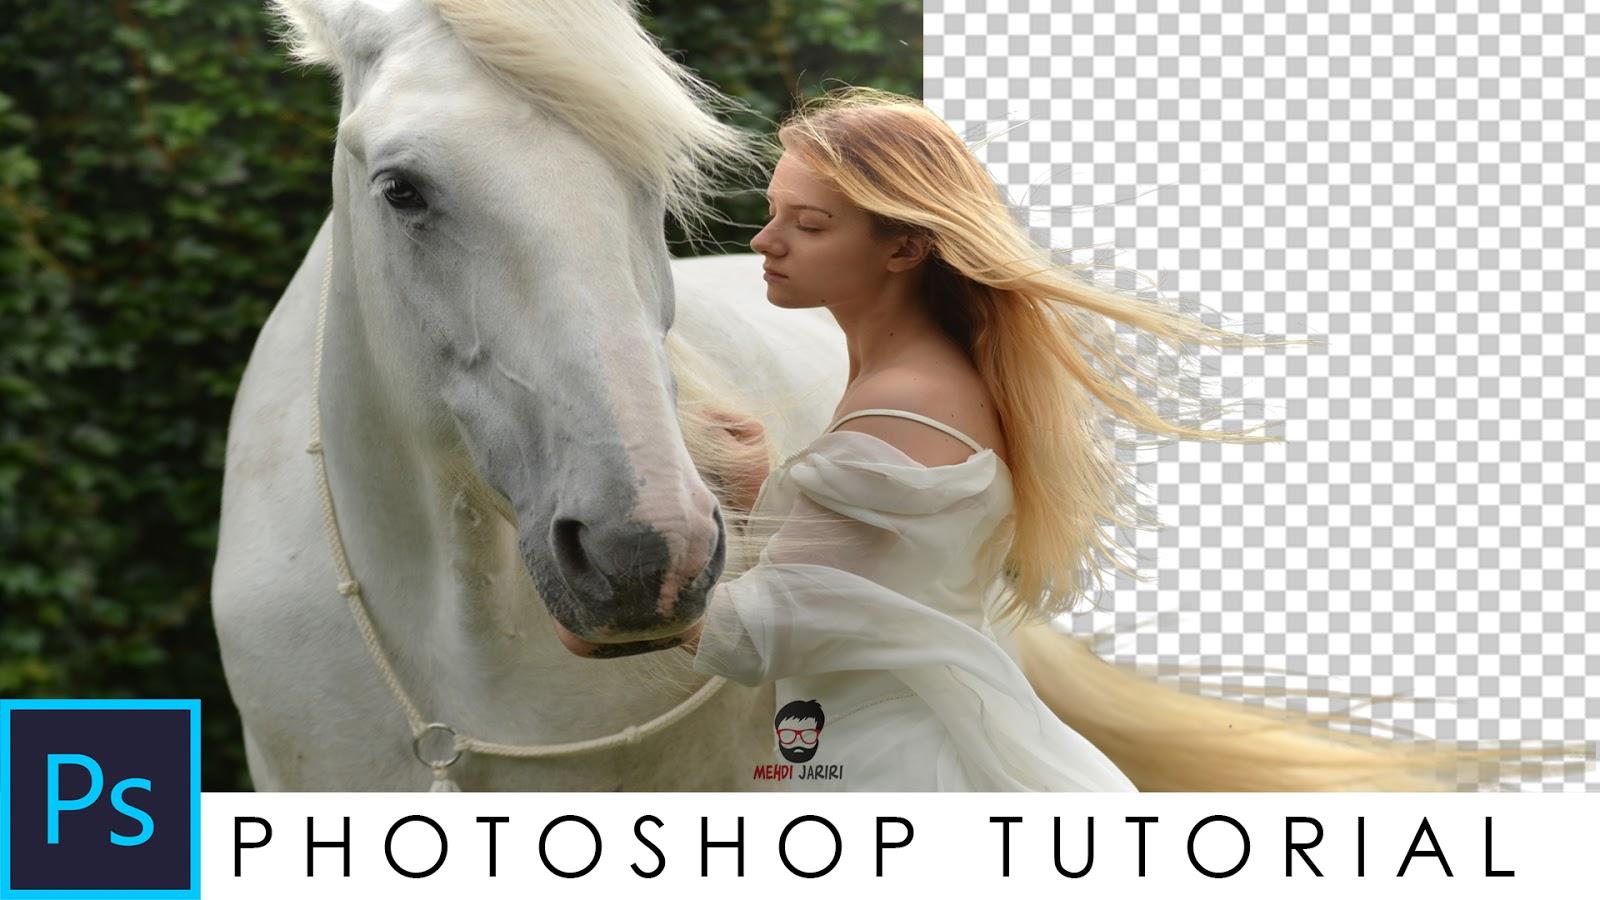 برنامج قص الصور أون لاين 6